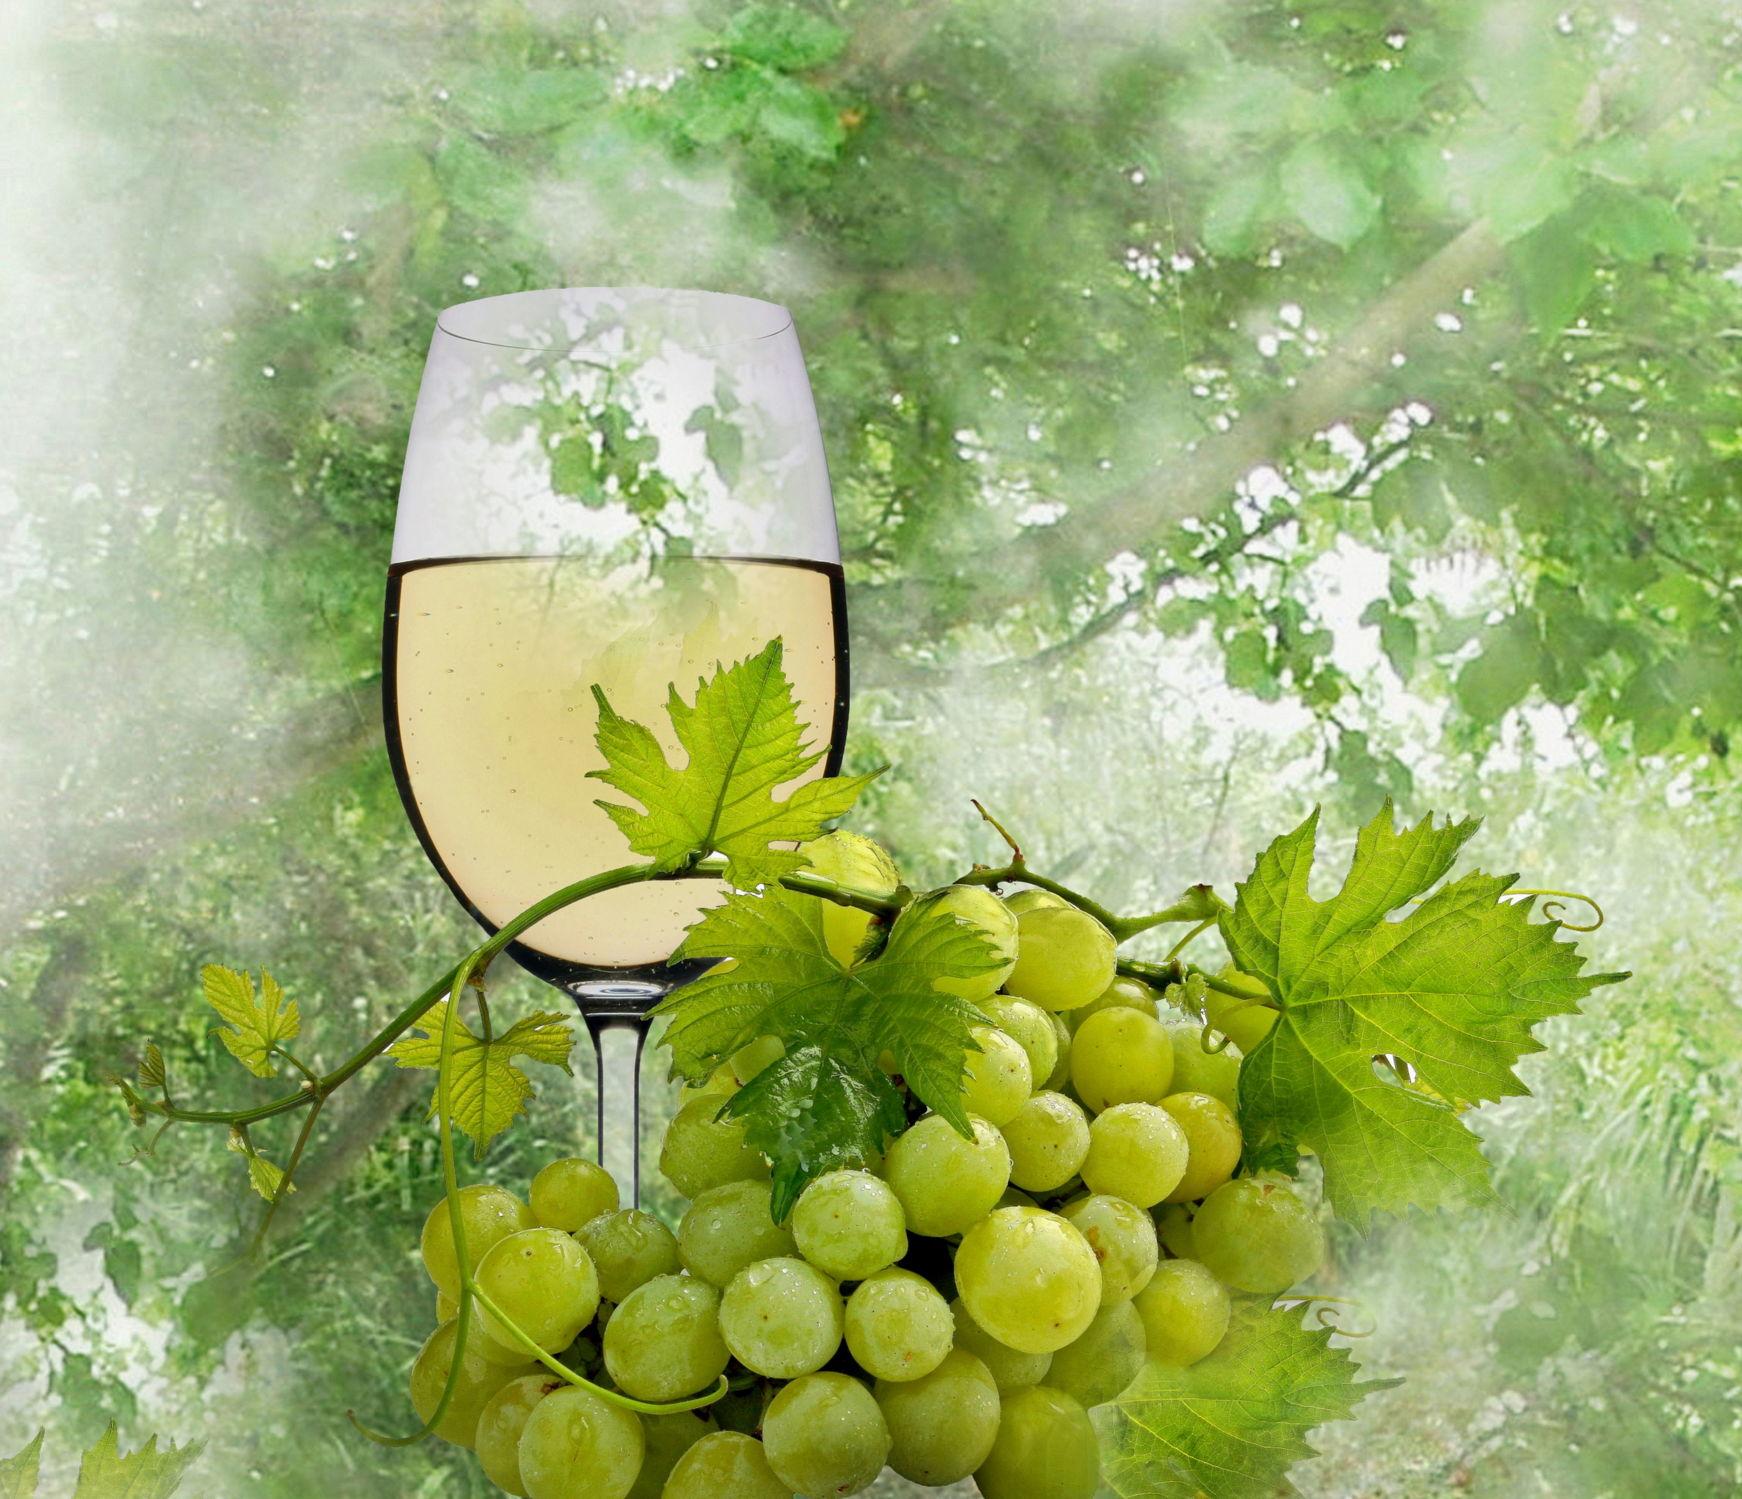 Bild mit Bäume, Trinken, Baum, Nahrung, Weintrauben, garten, Wein, Ernährung, Getränk, weinglas, Weisswein, weinblätter, weinlaub